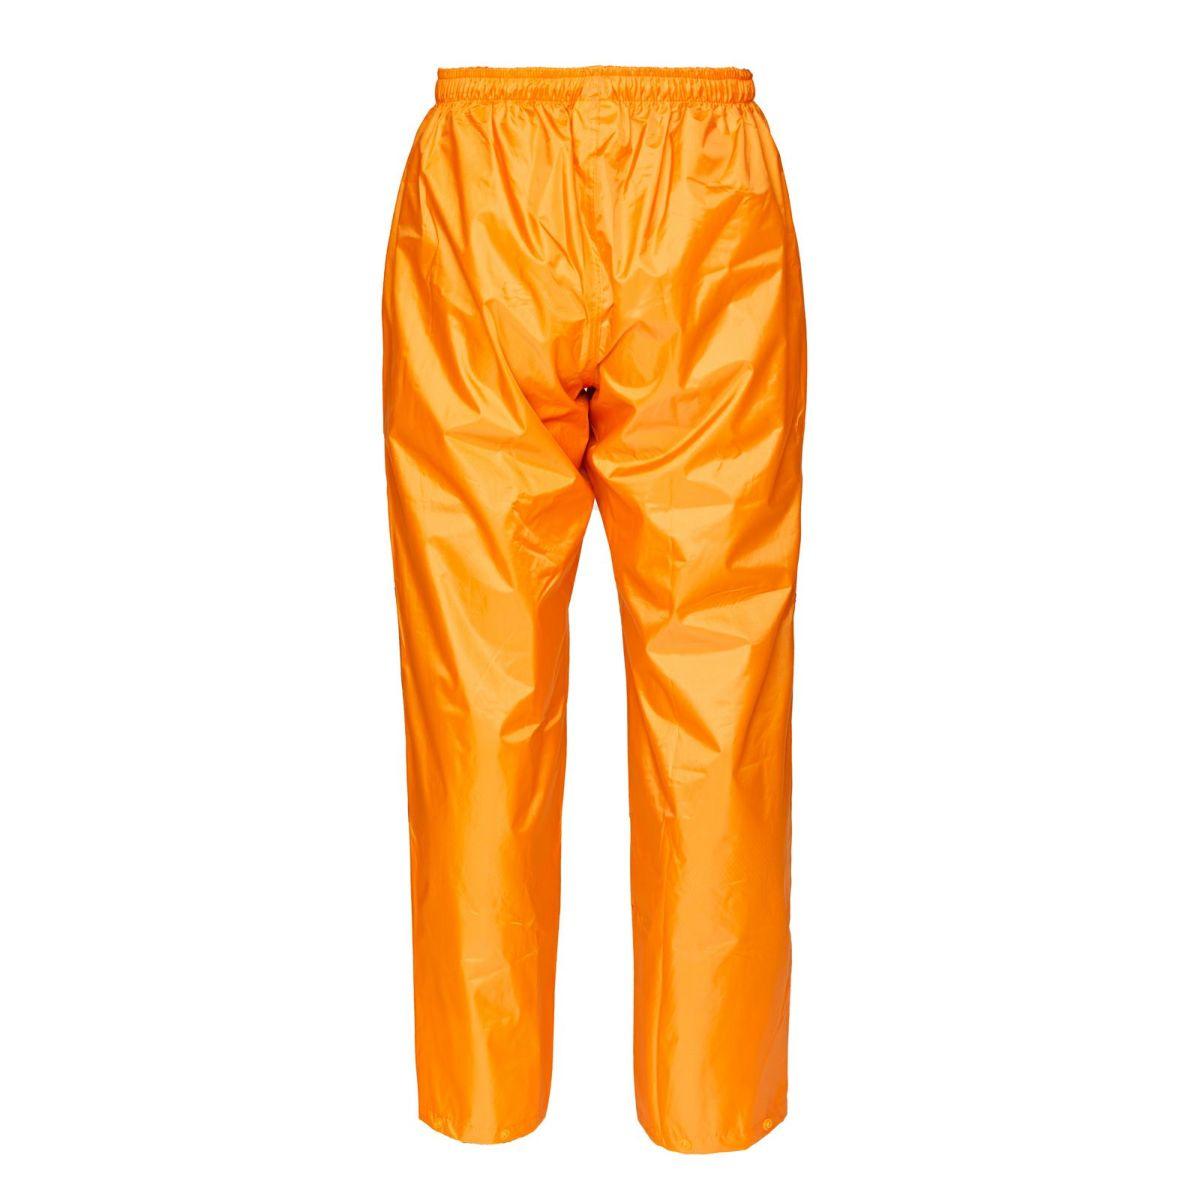 詳細:オレンジパンツ背面